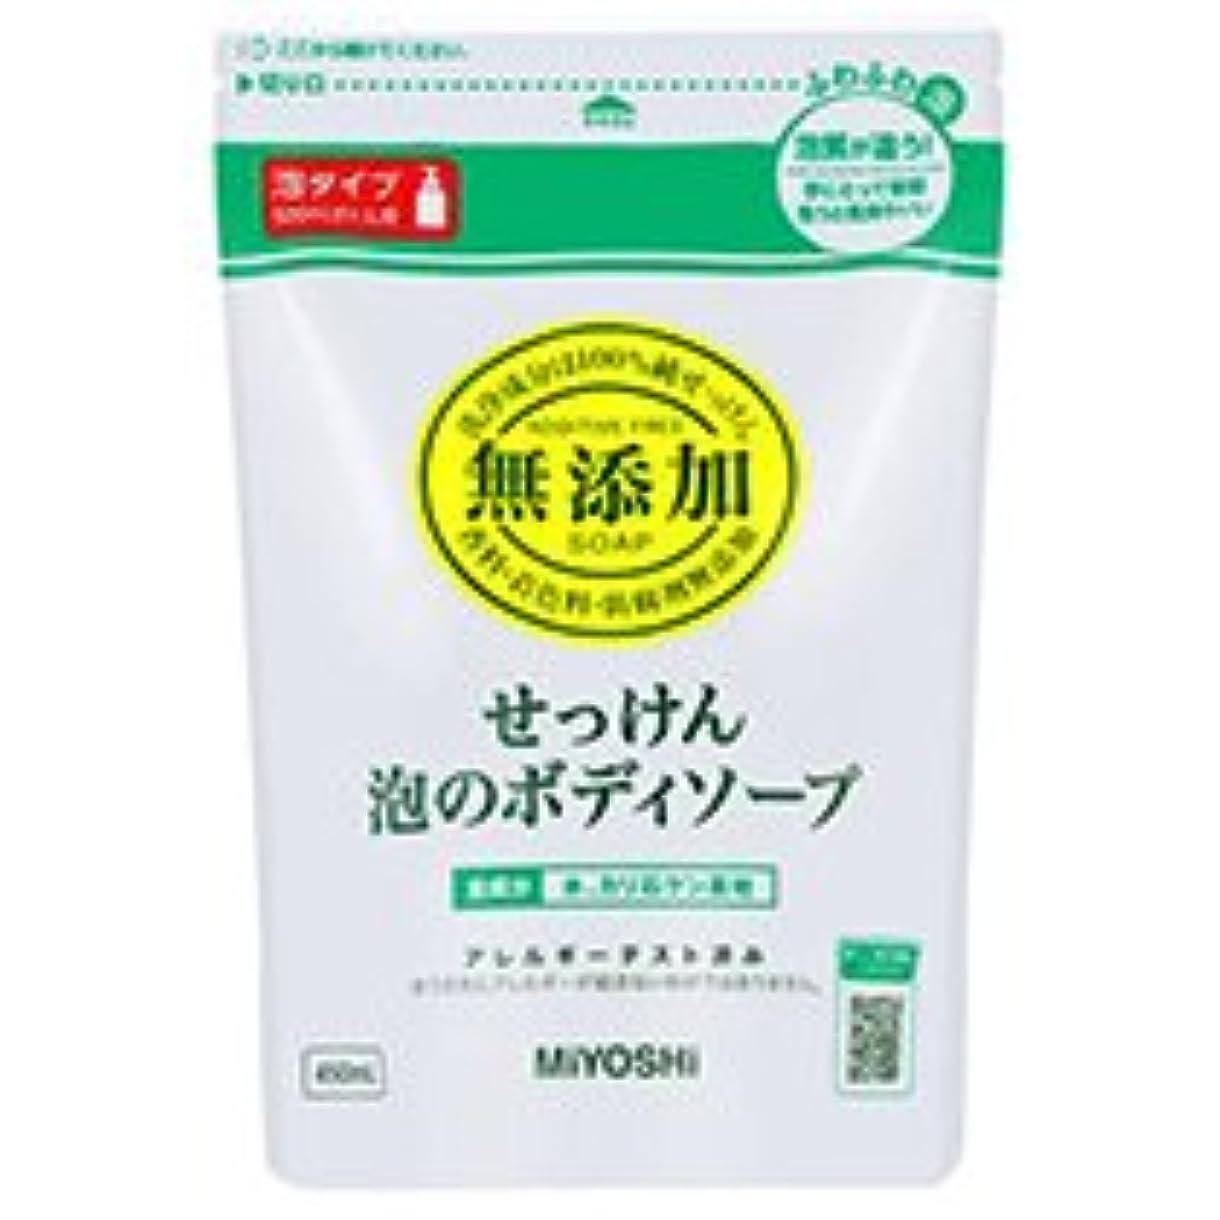 無許可否定する薄暗いミヨシ石鹸 無添加せっけん 泡のボディソープ 詰替用 450ml 1個